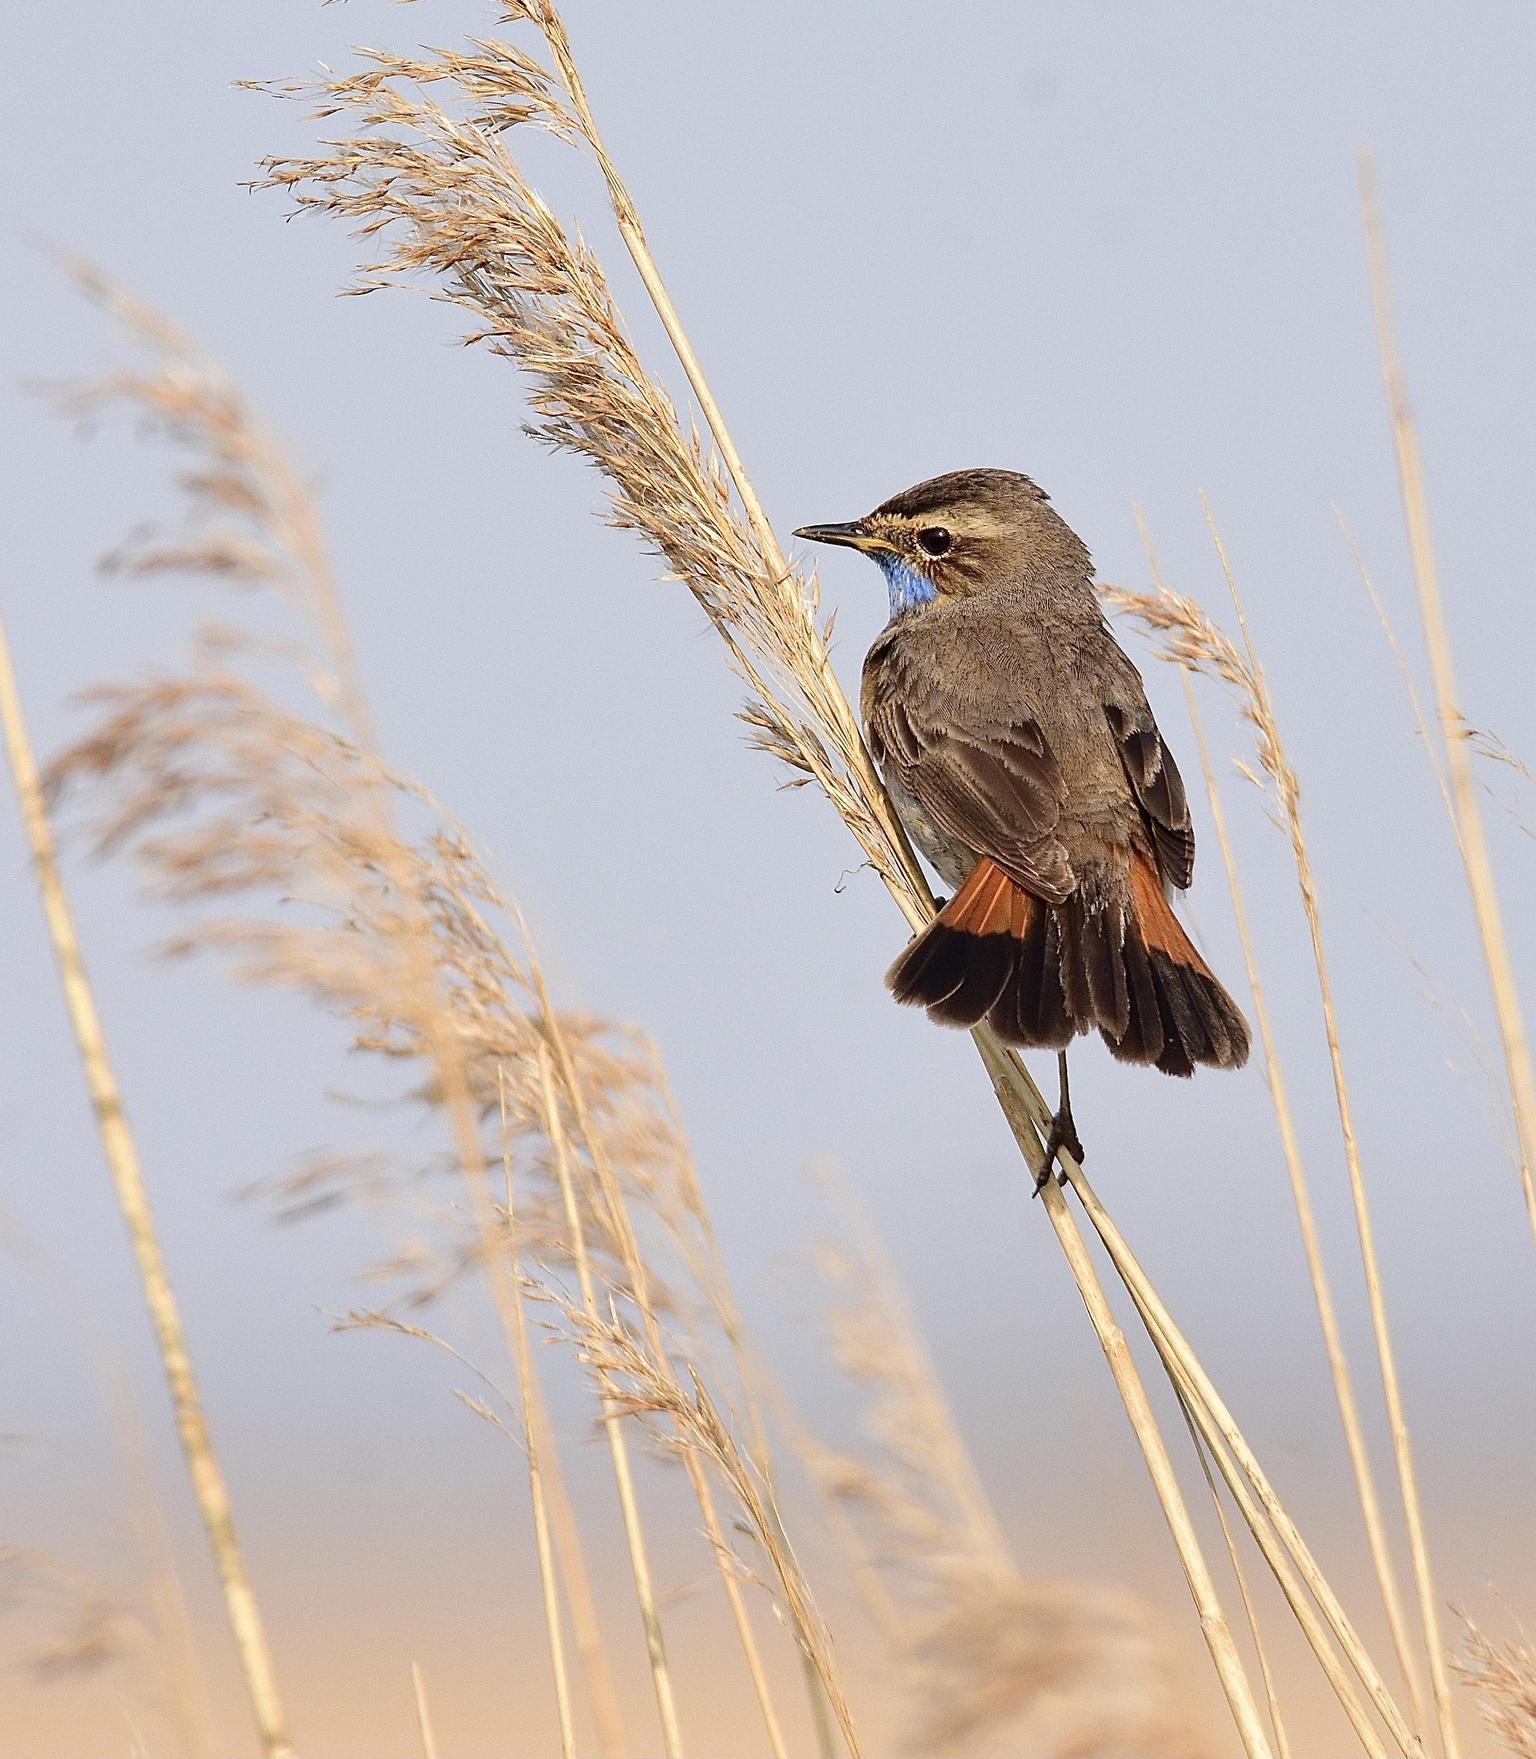 Blauwborst in .. - Blauwborst in de rietlanden..zingt vaak met gespreide roodbruine staart. - foto door AdtenHoopen op 05-05-2021 - deze foto bevat: vogel, lucht, takje, afdeling, bek, veer, zangvogel, grass familie, gras, staart